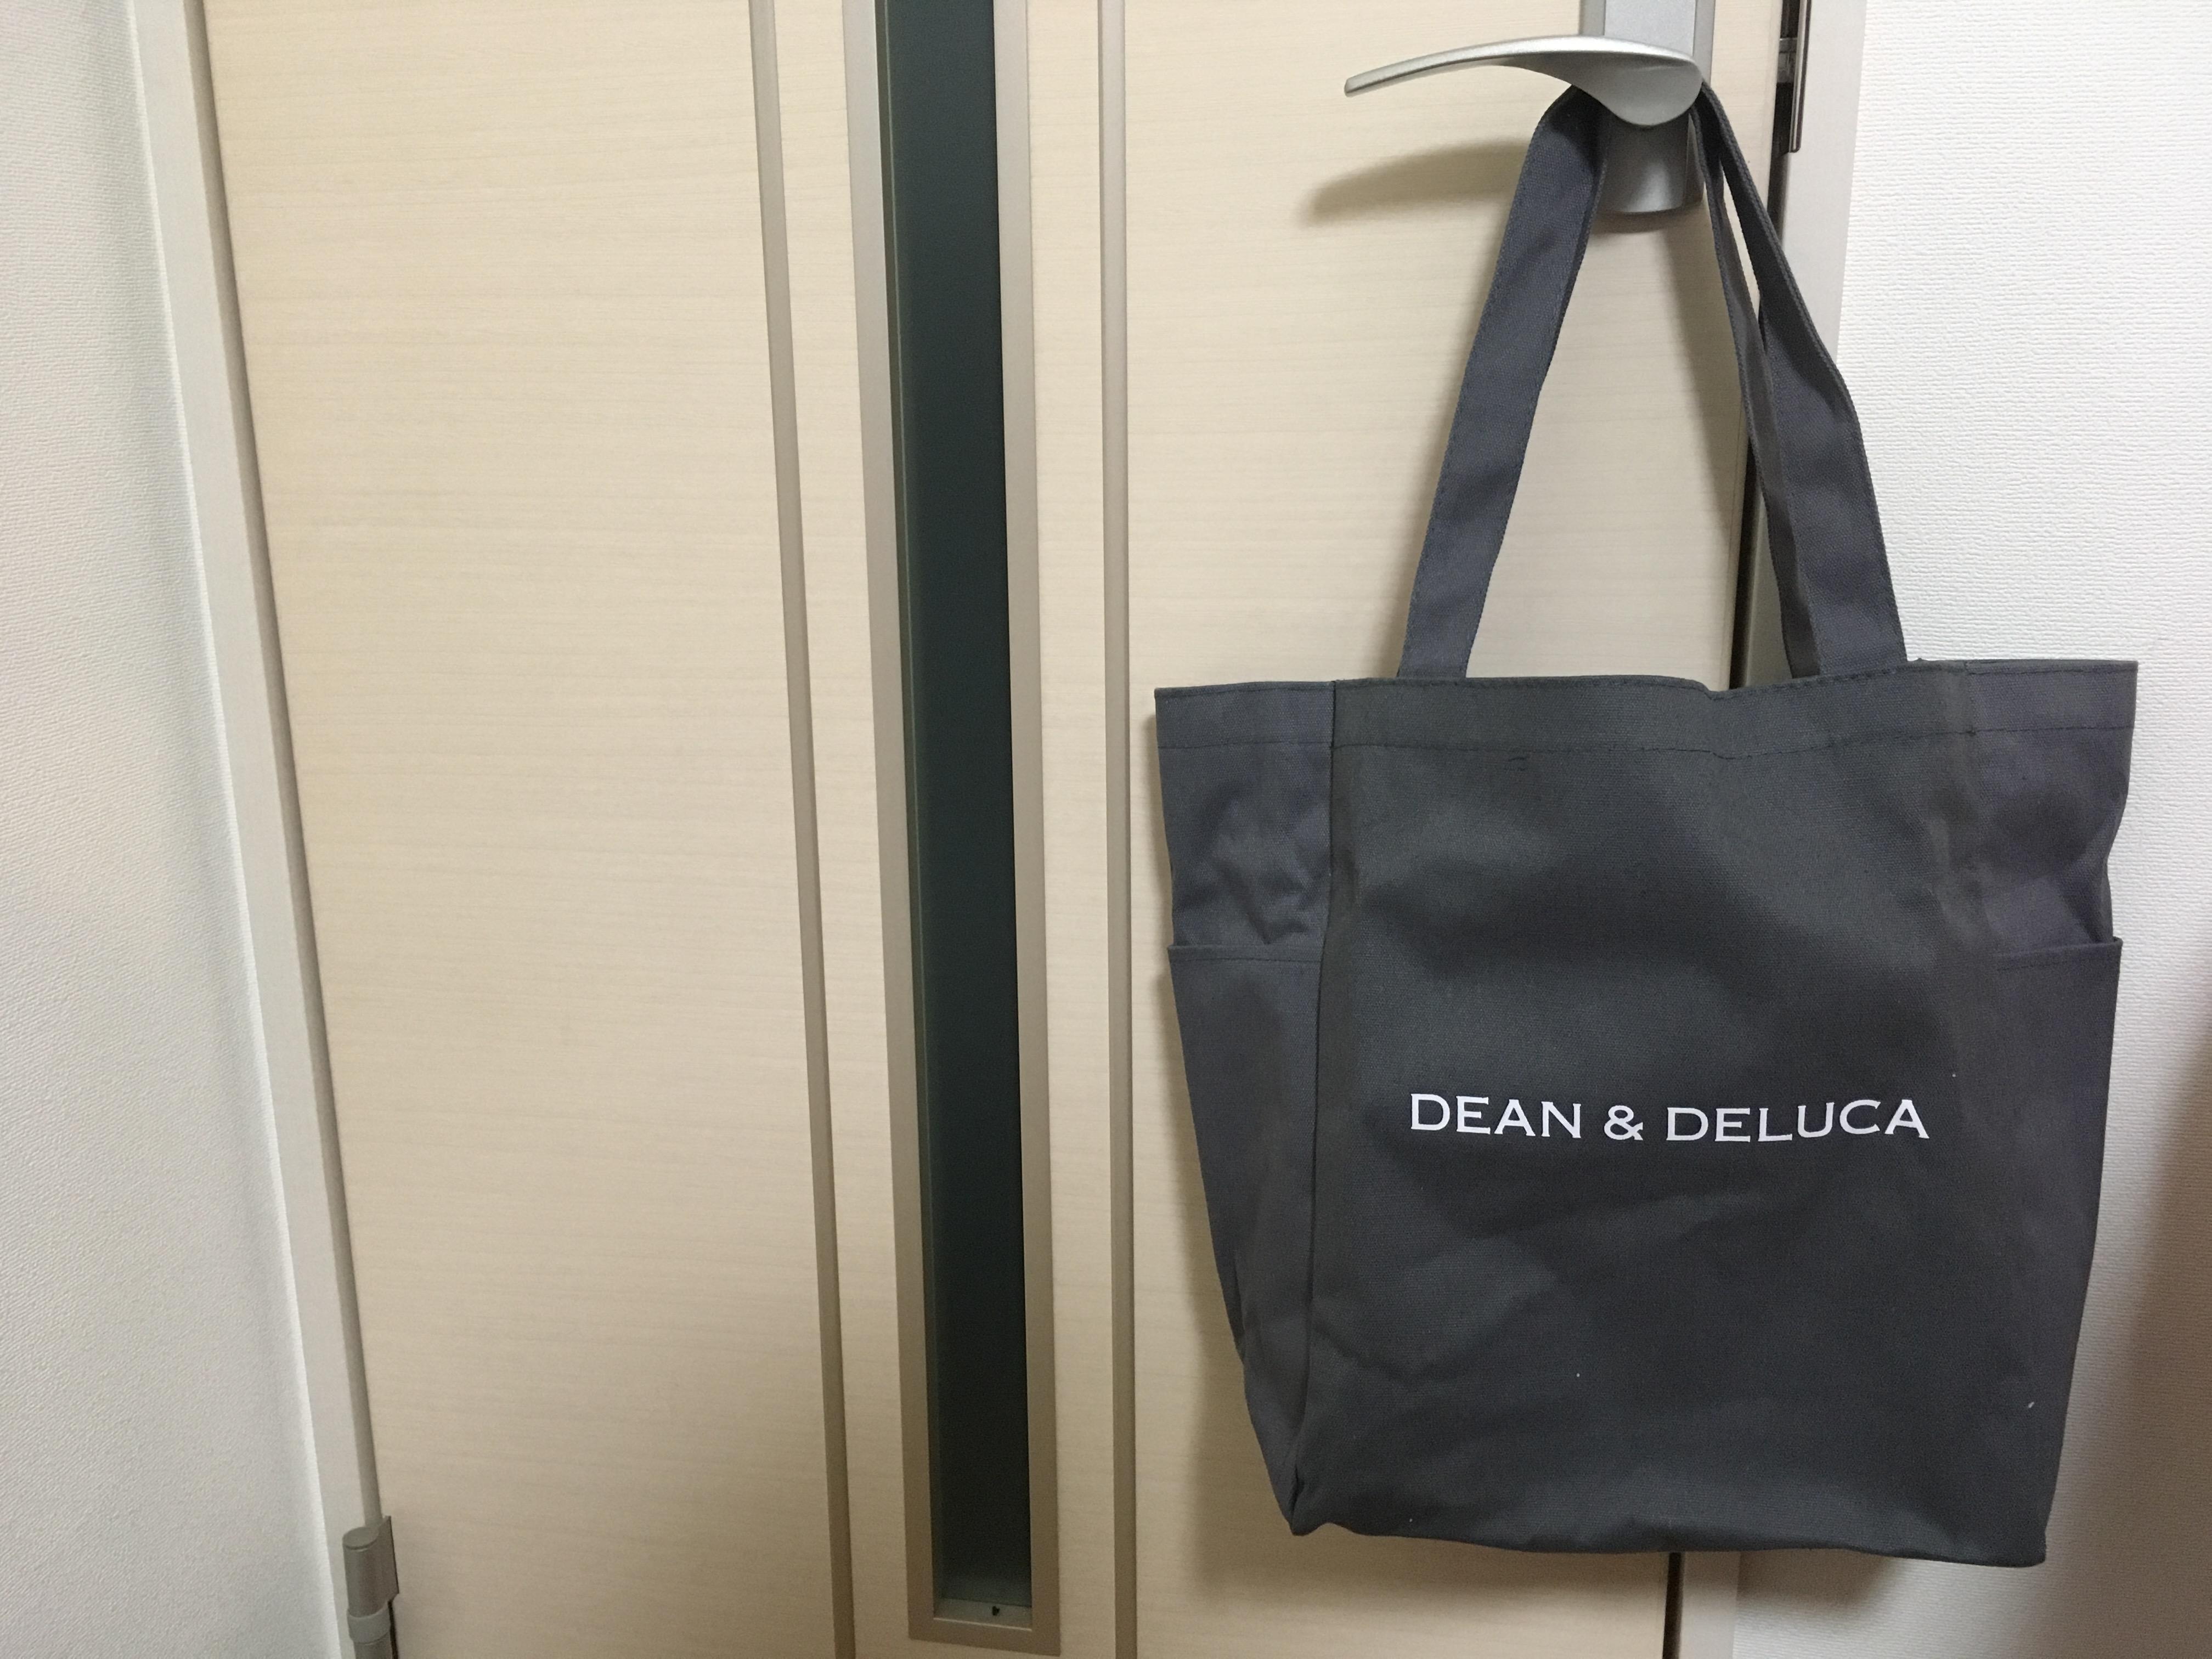 【雑誌付録】毎年人気のディーン&デルーカ特大デリバッグを発売日買い!